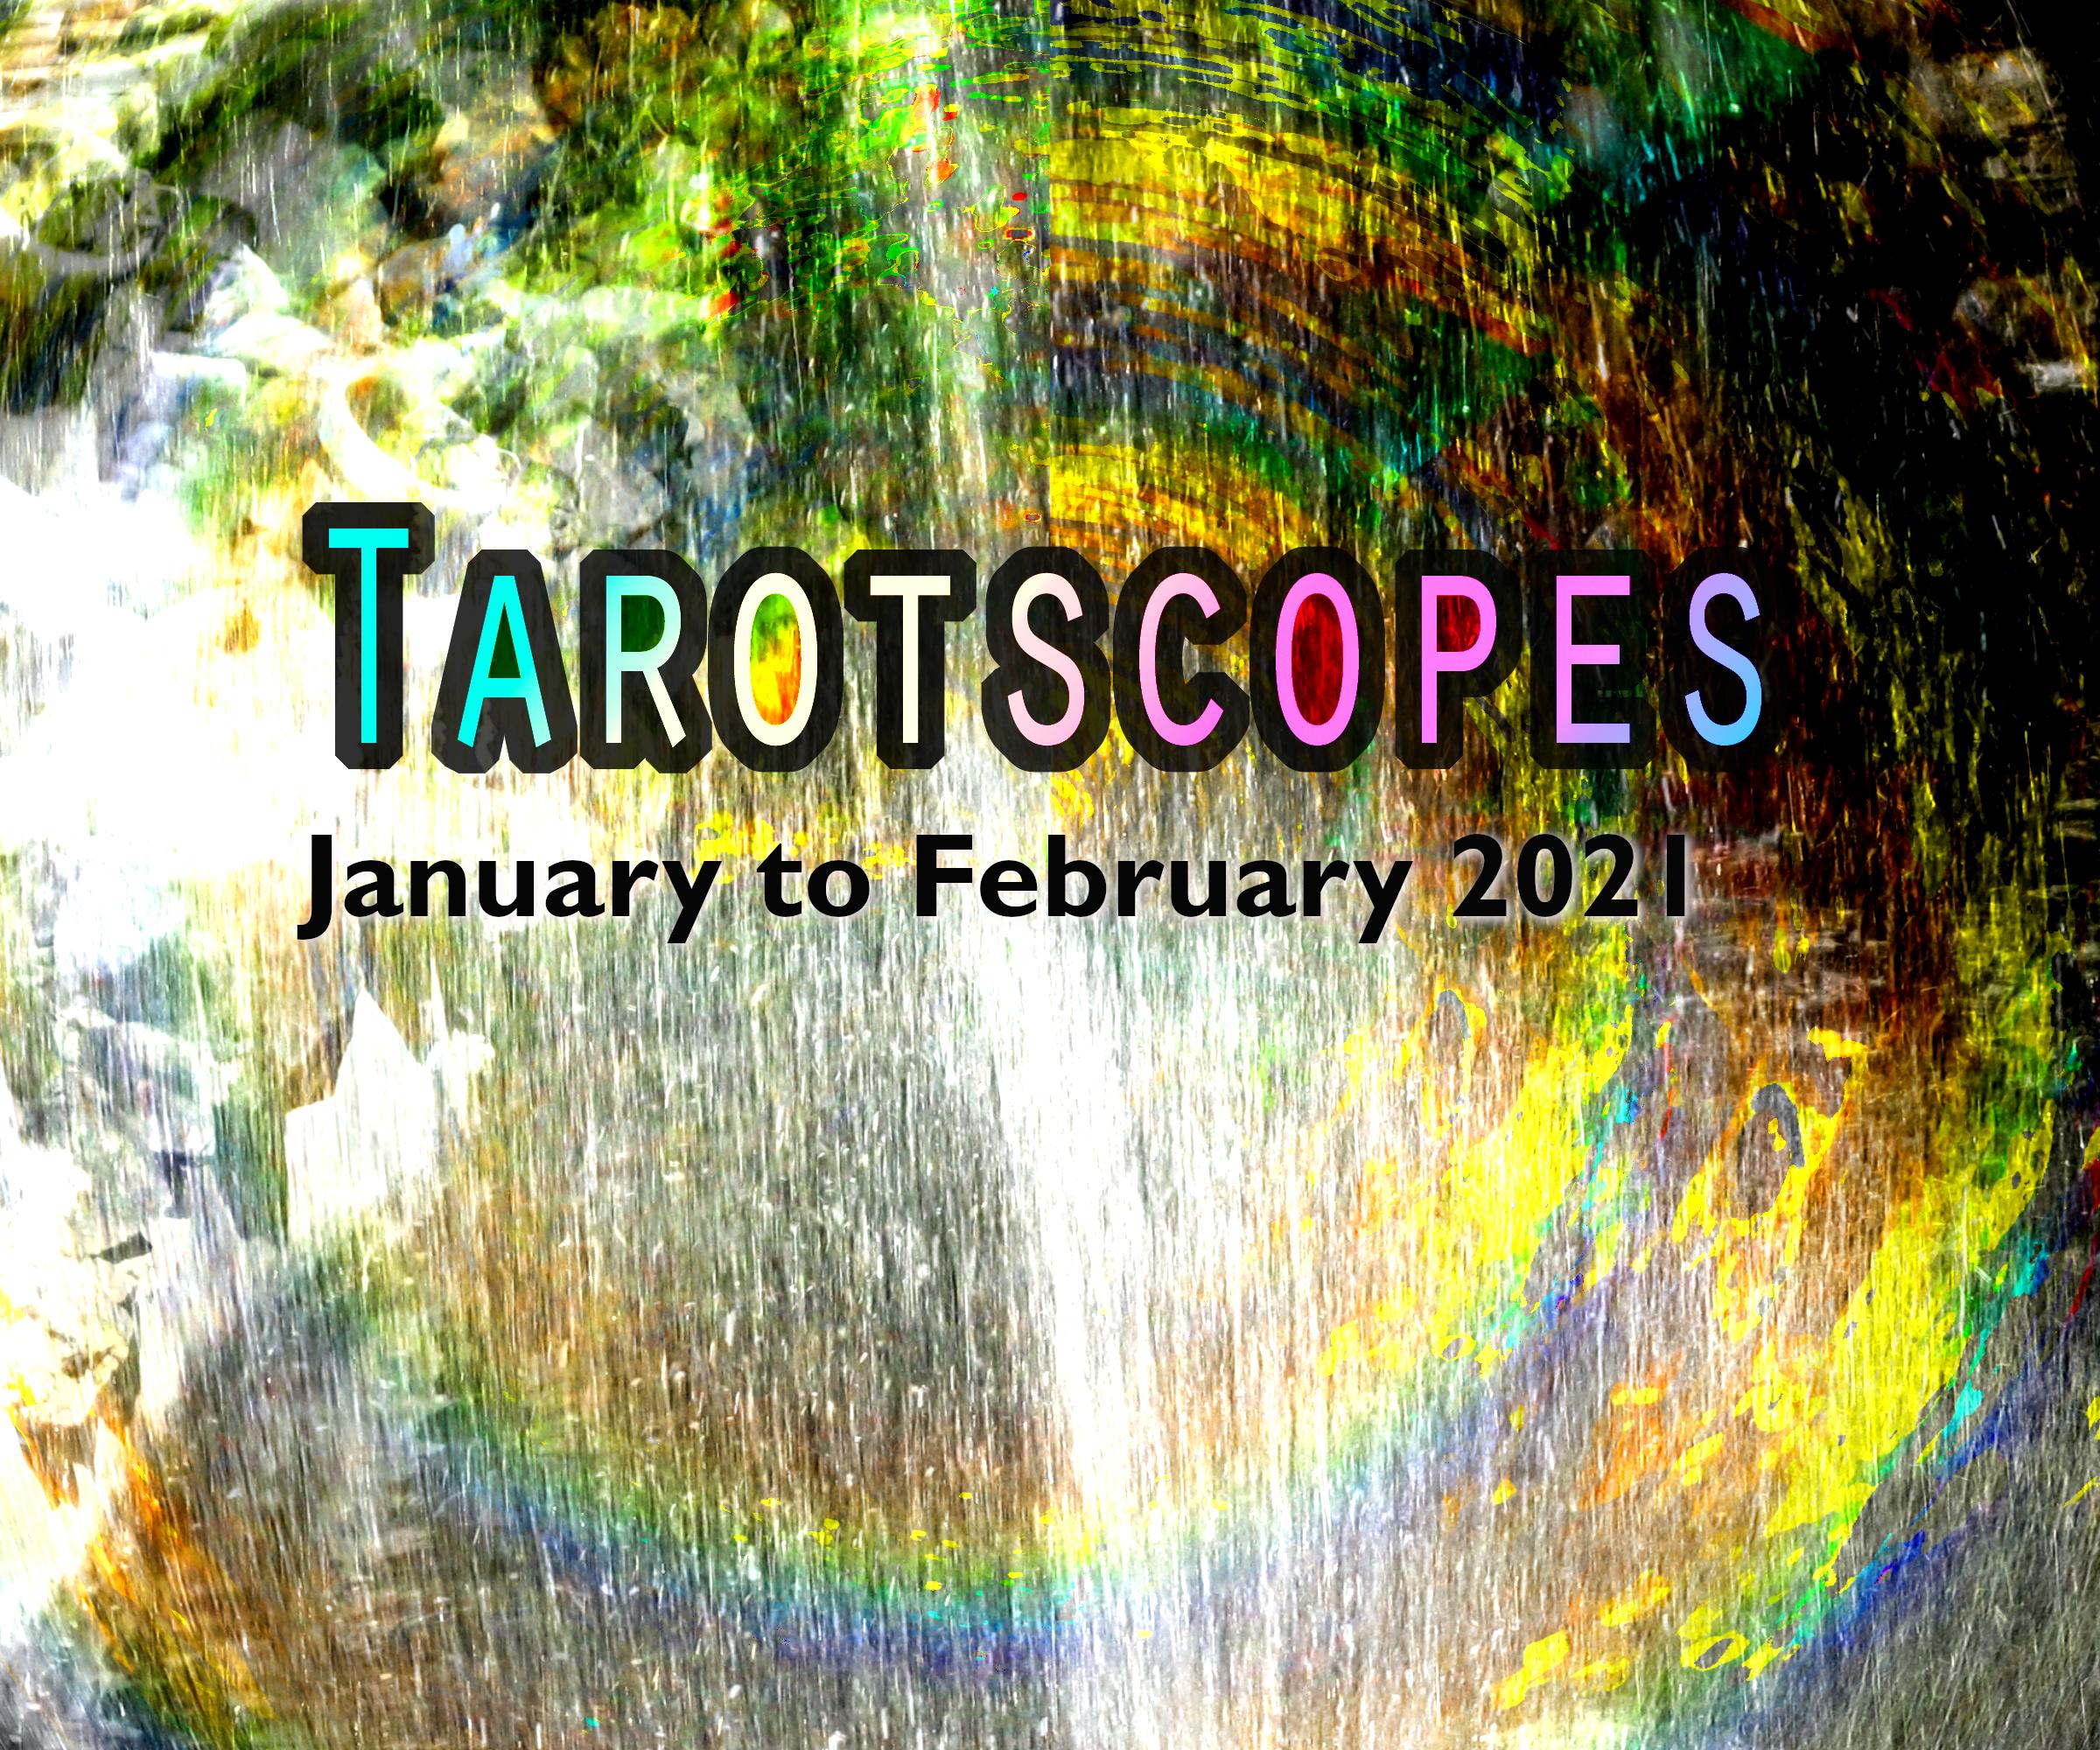 Tarotscopes January To February 2021